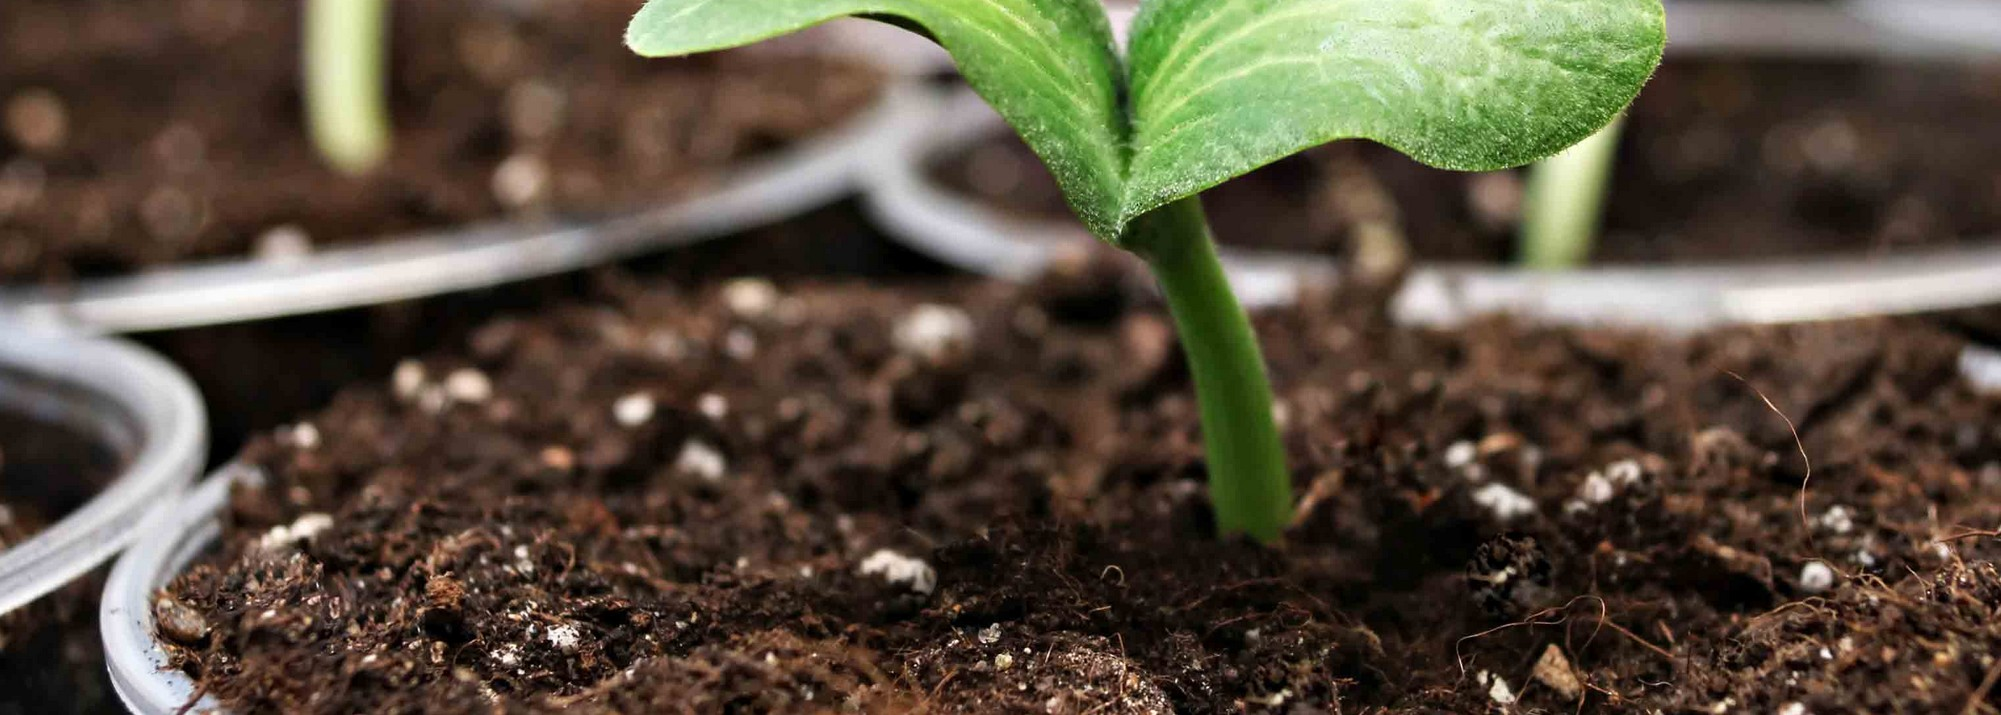 Terreaux plantes